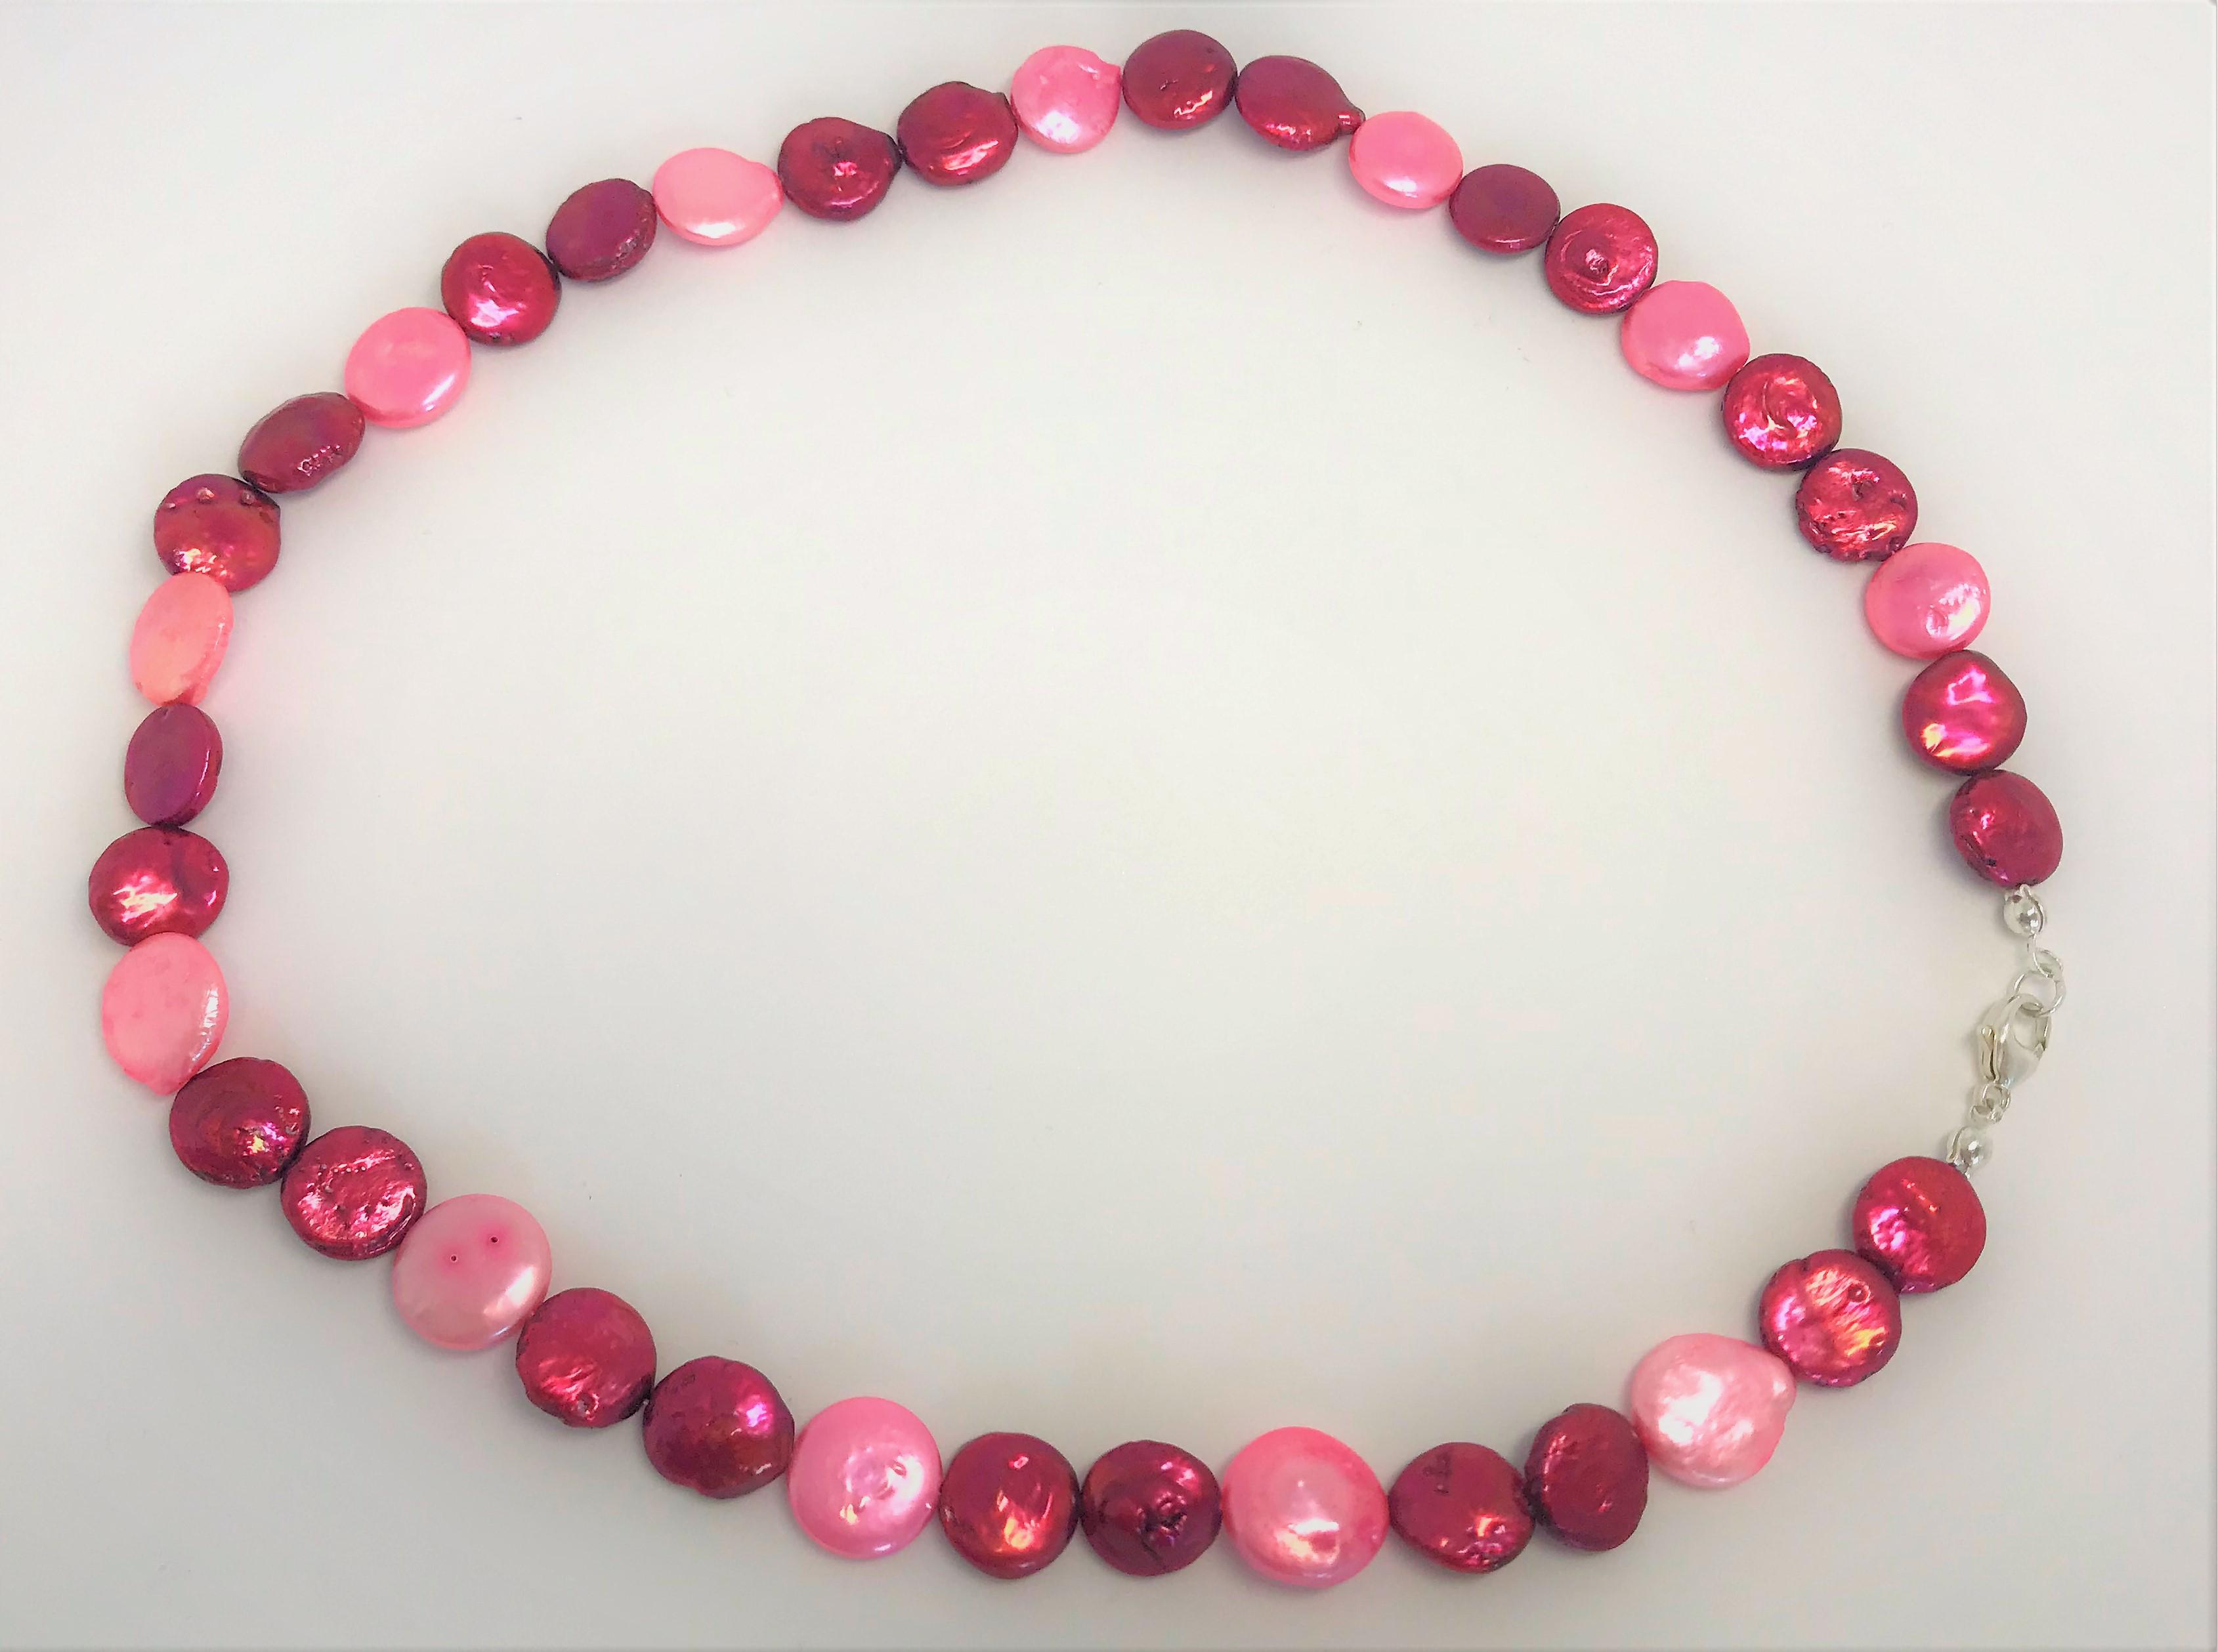 Hogy ismerje fel az igaz és tenyésztett gyöngy ékszereket | Igazgyöngy ékszerek | Buka Jewelry